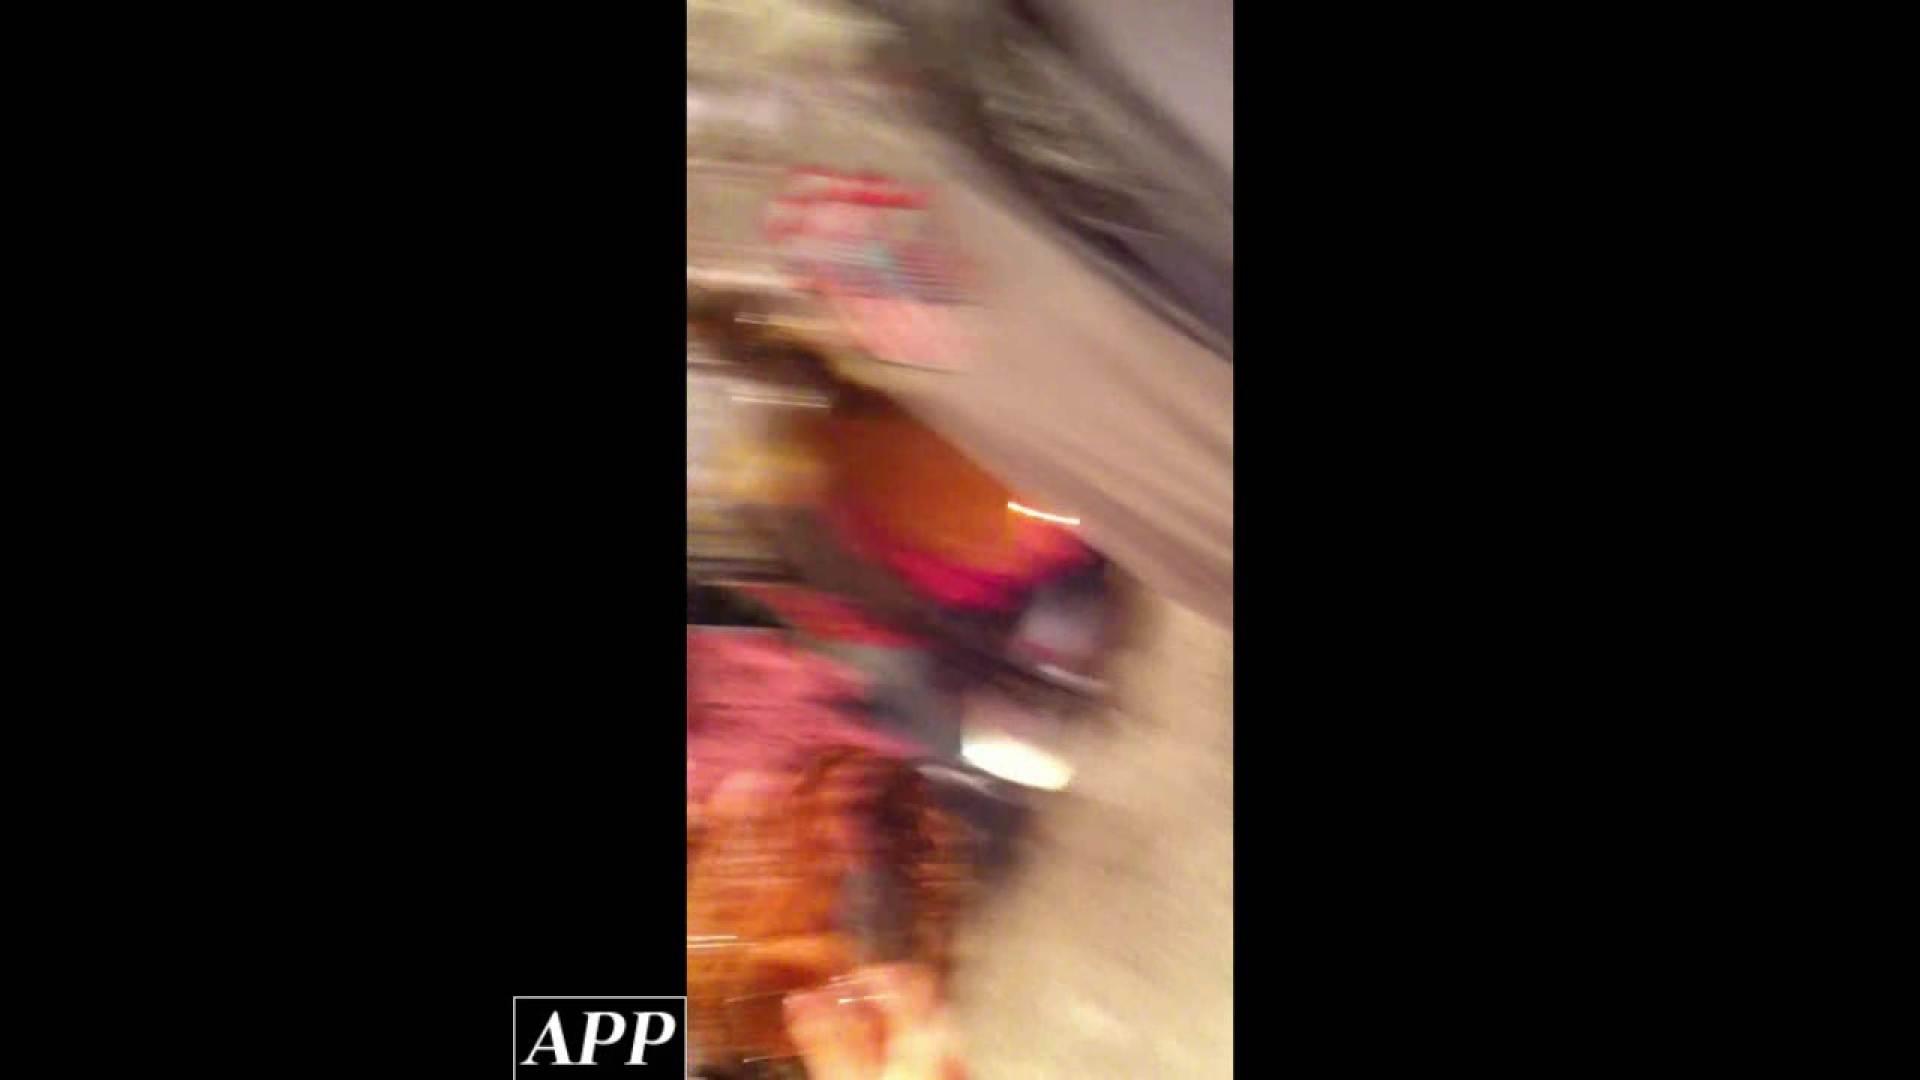 ハイビジョン盗撮!ショップ店員千人斬り!胸チラ編 vol.91 胸チラ すけべAV動画紹介 92PIX 73